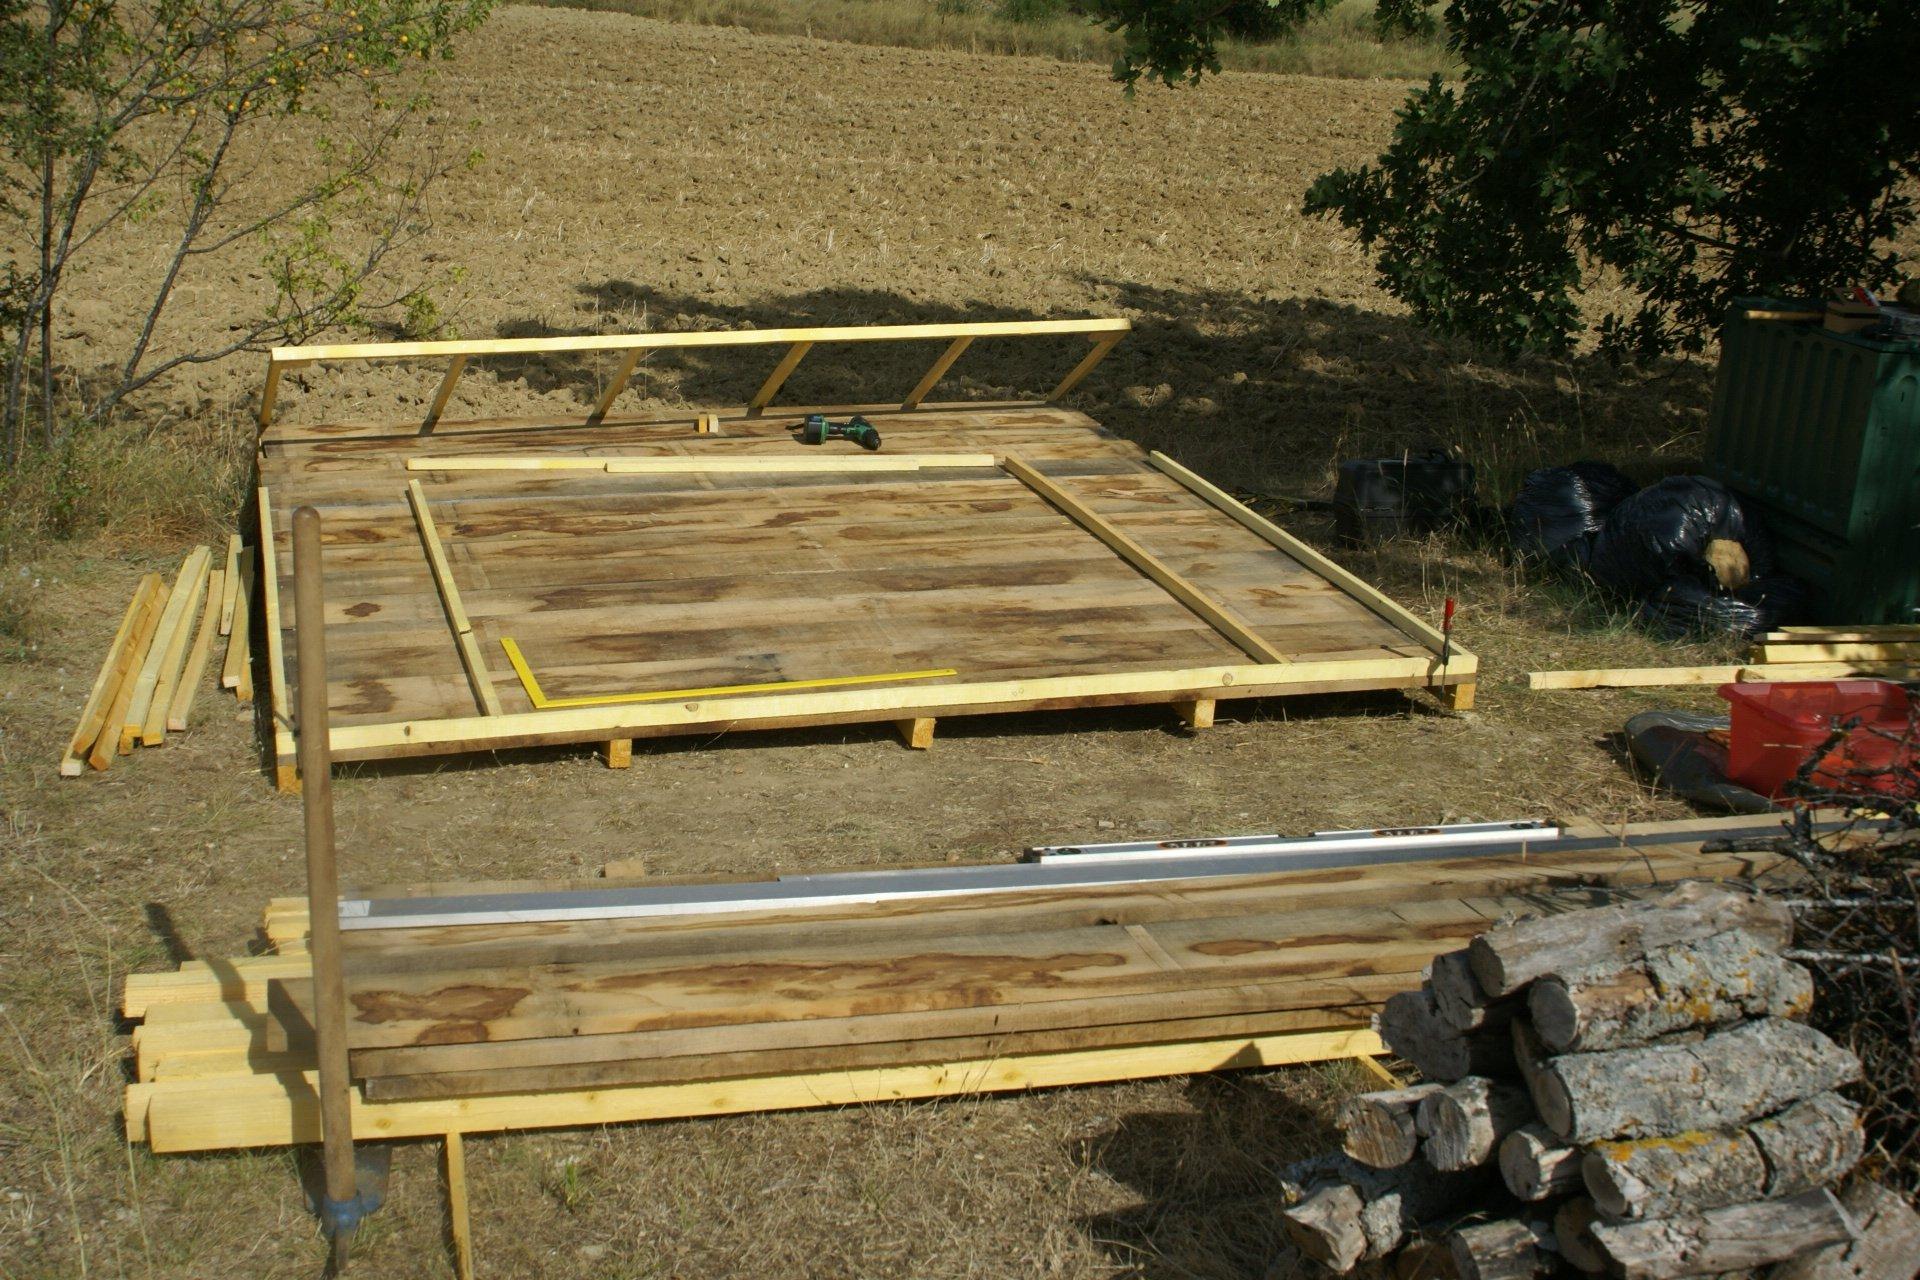 5 etape de la construction en photos la maison en bois de cricri et cbb. Black Bedroom Furniture Sets. Home Design Ideas